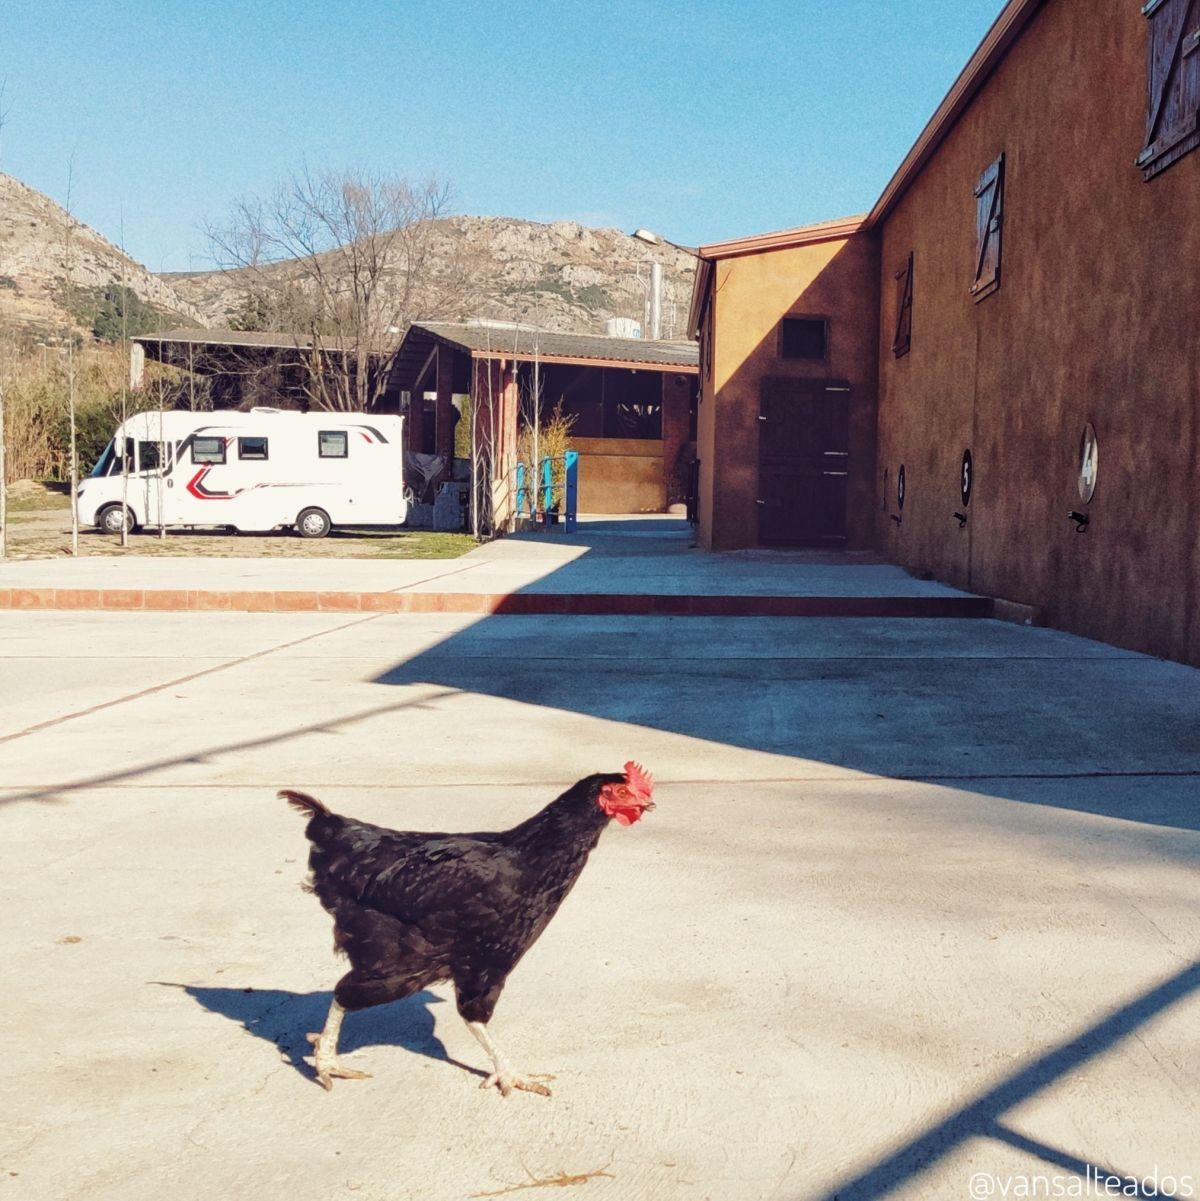 Caravana aparcada en el Camping la Granja en Torroella de Montgrí. Una gallina pasa caminando en primer plano.